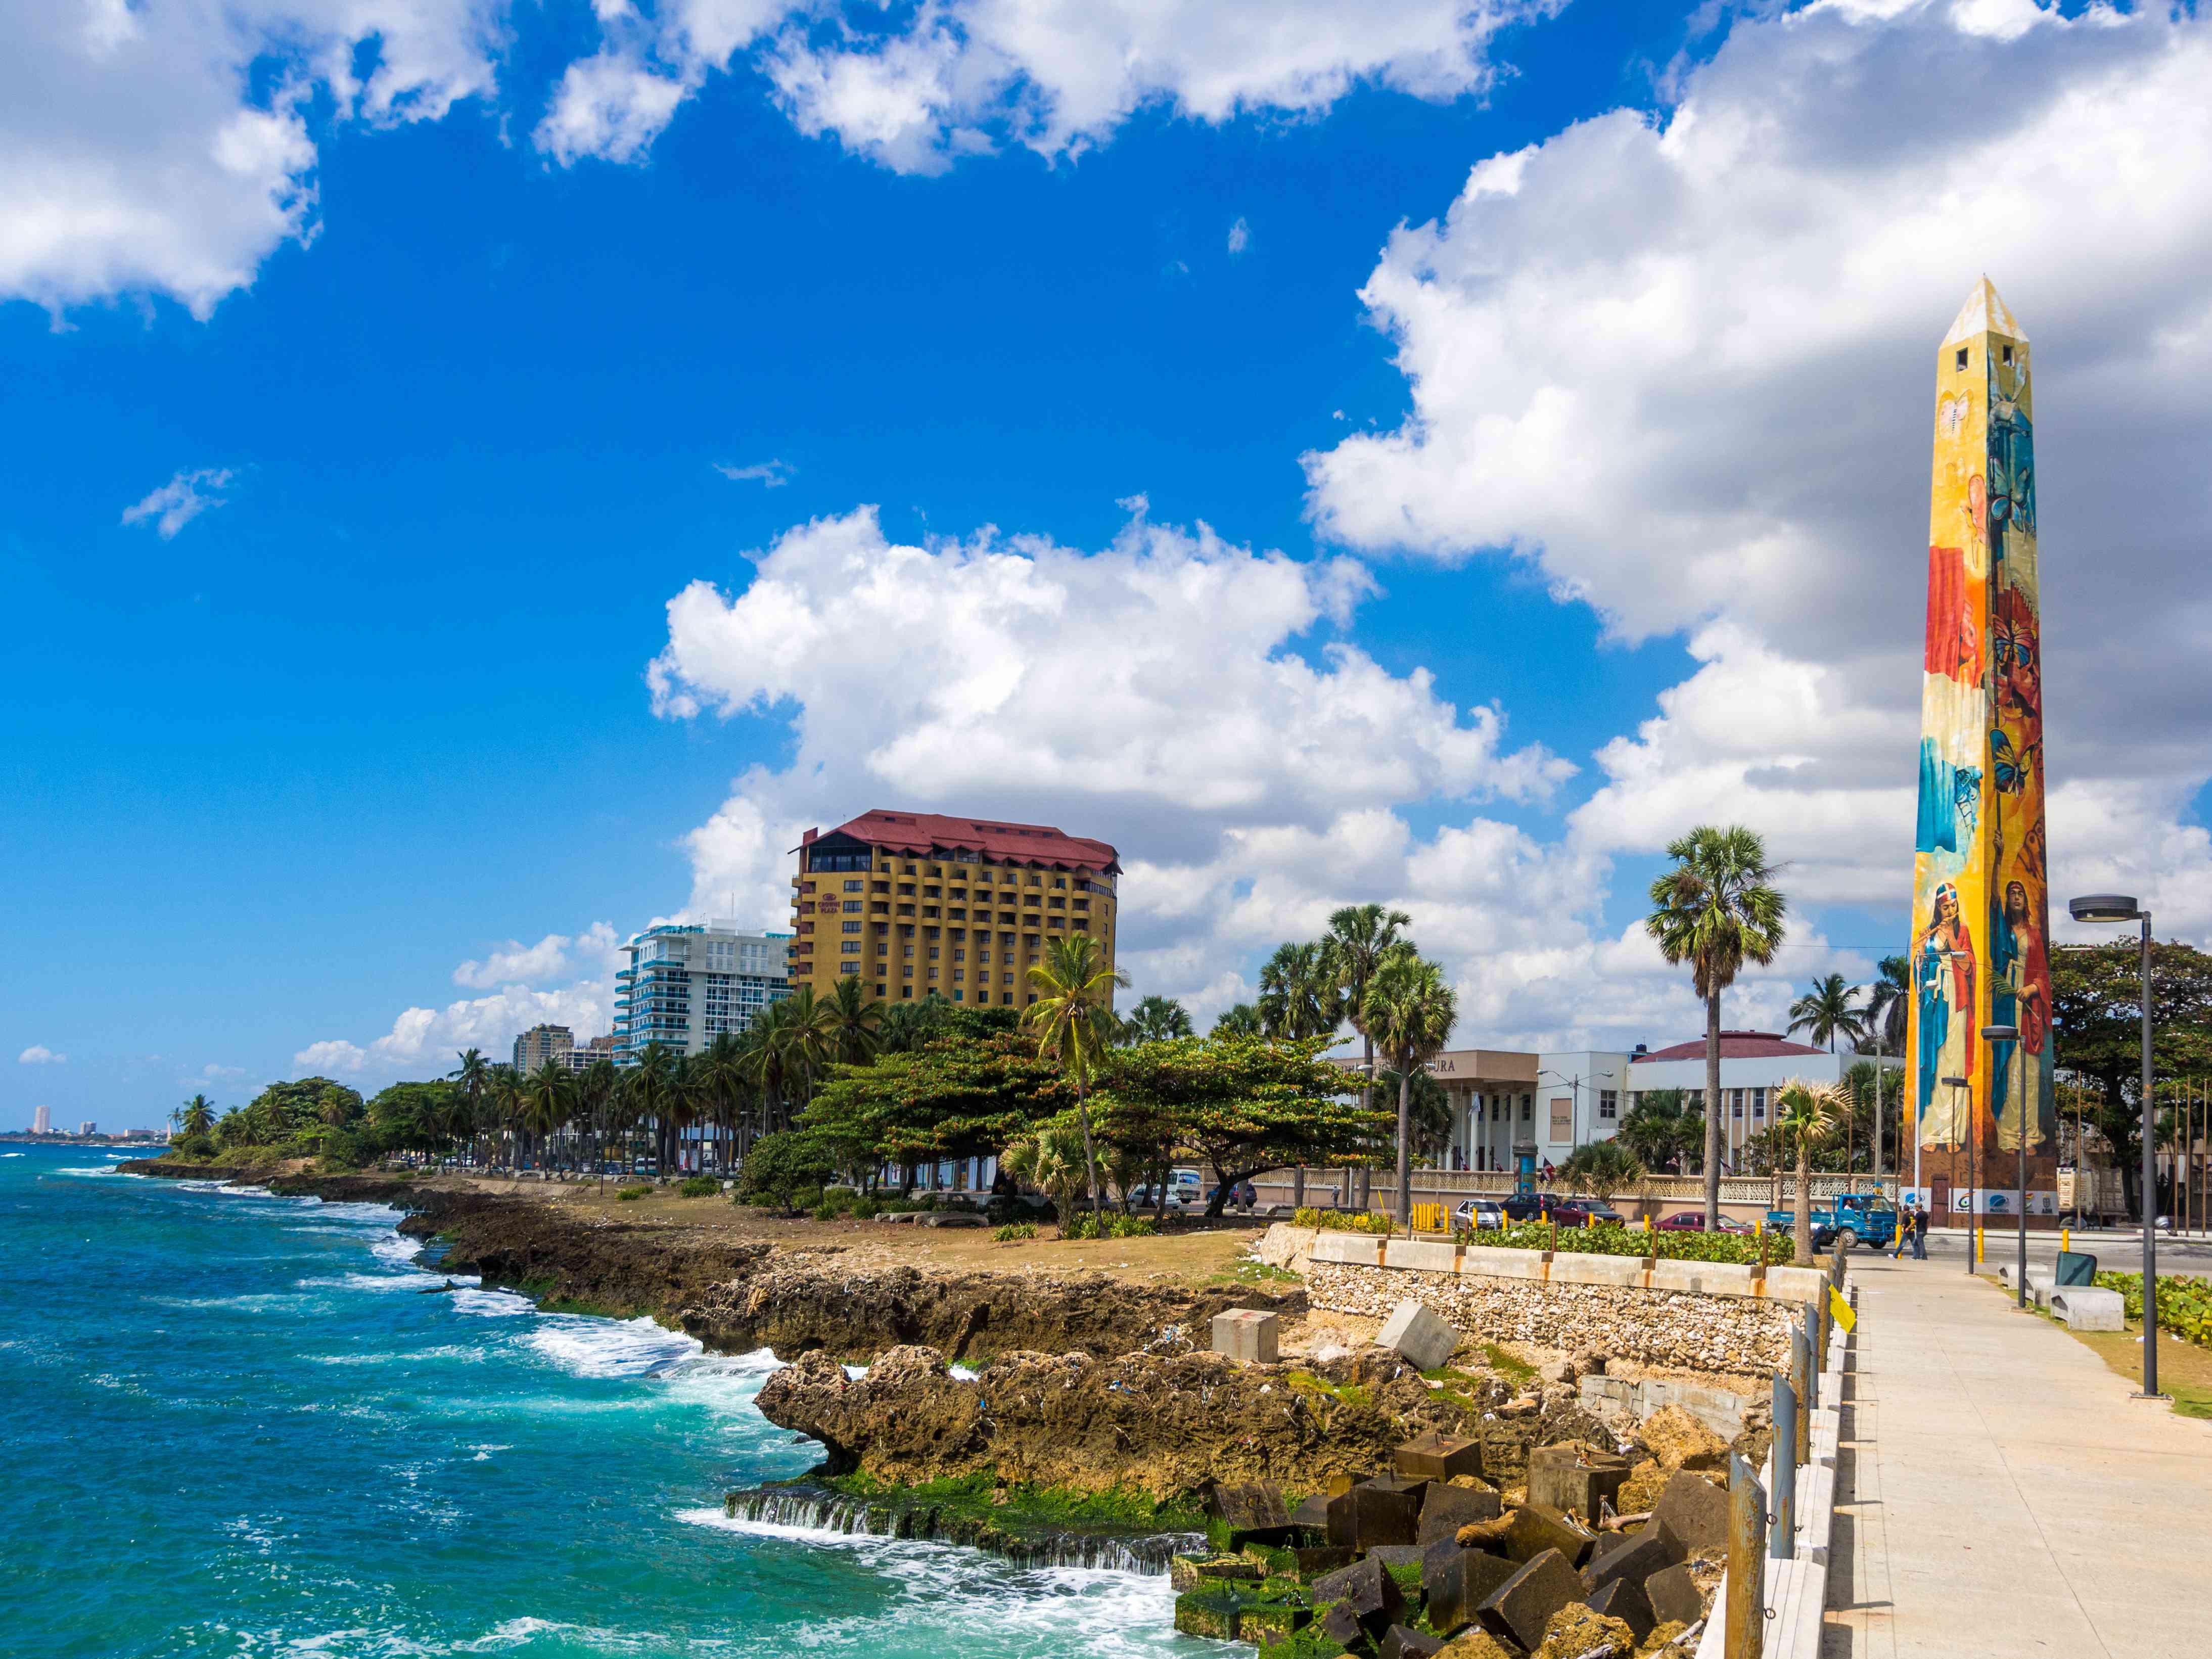 Santo Domingo waterfront, Dominican Republic